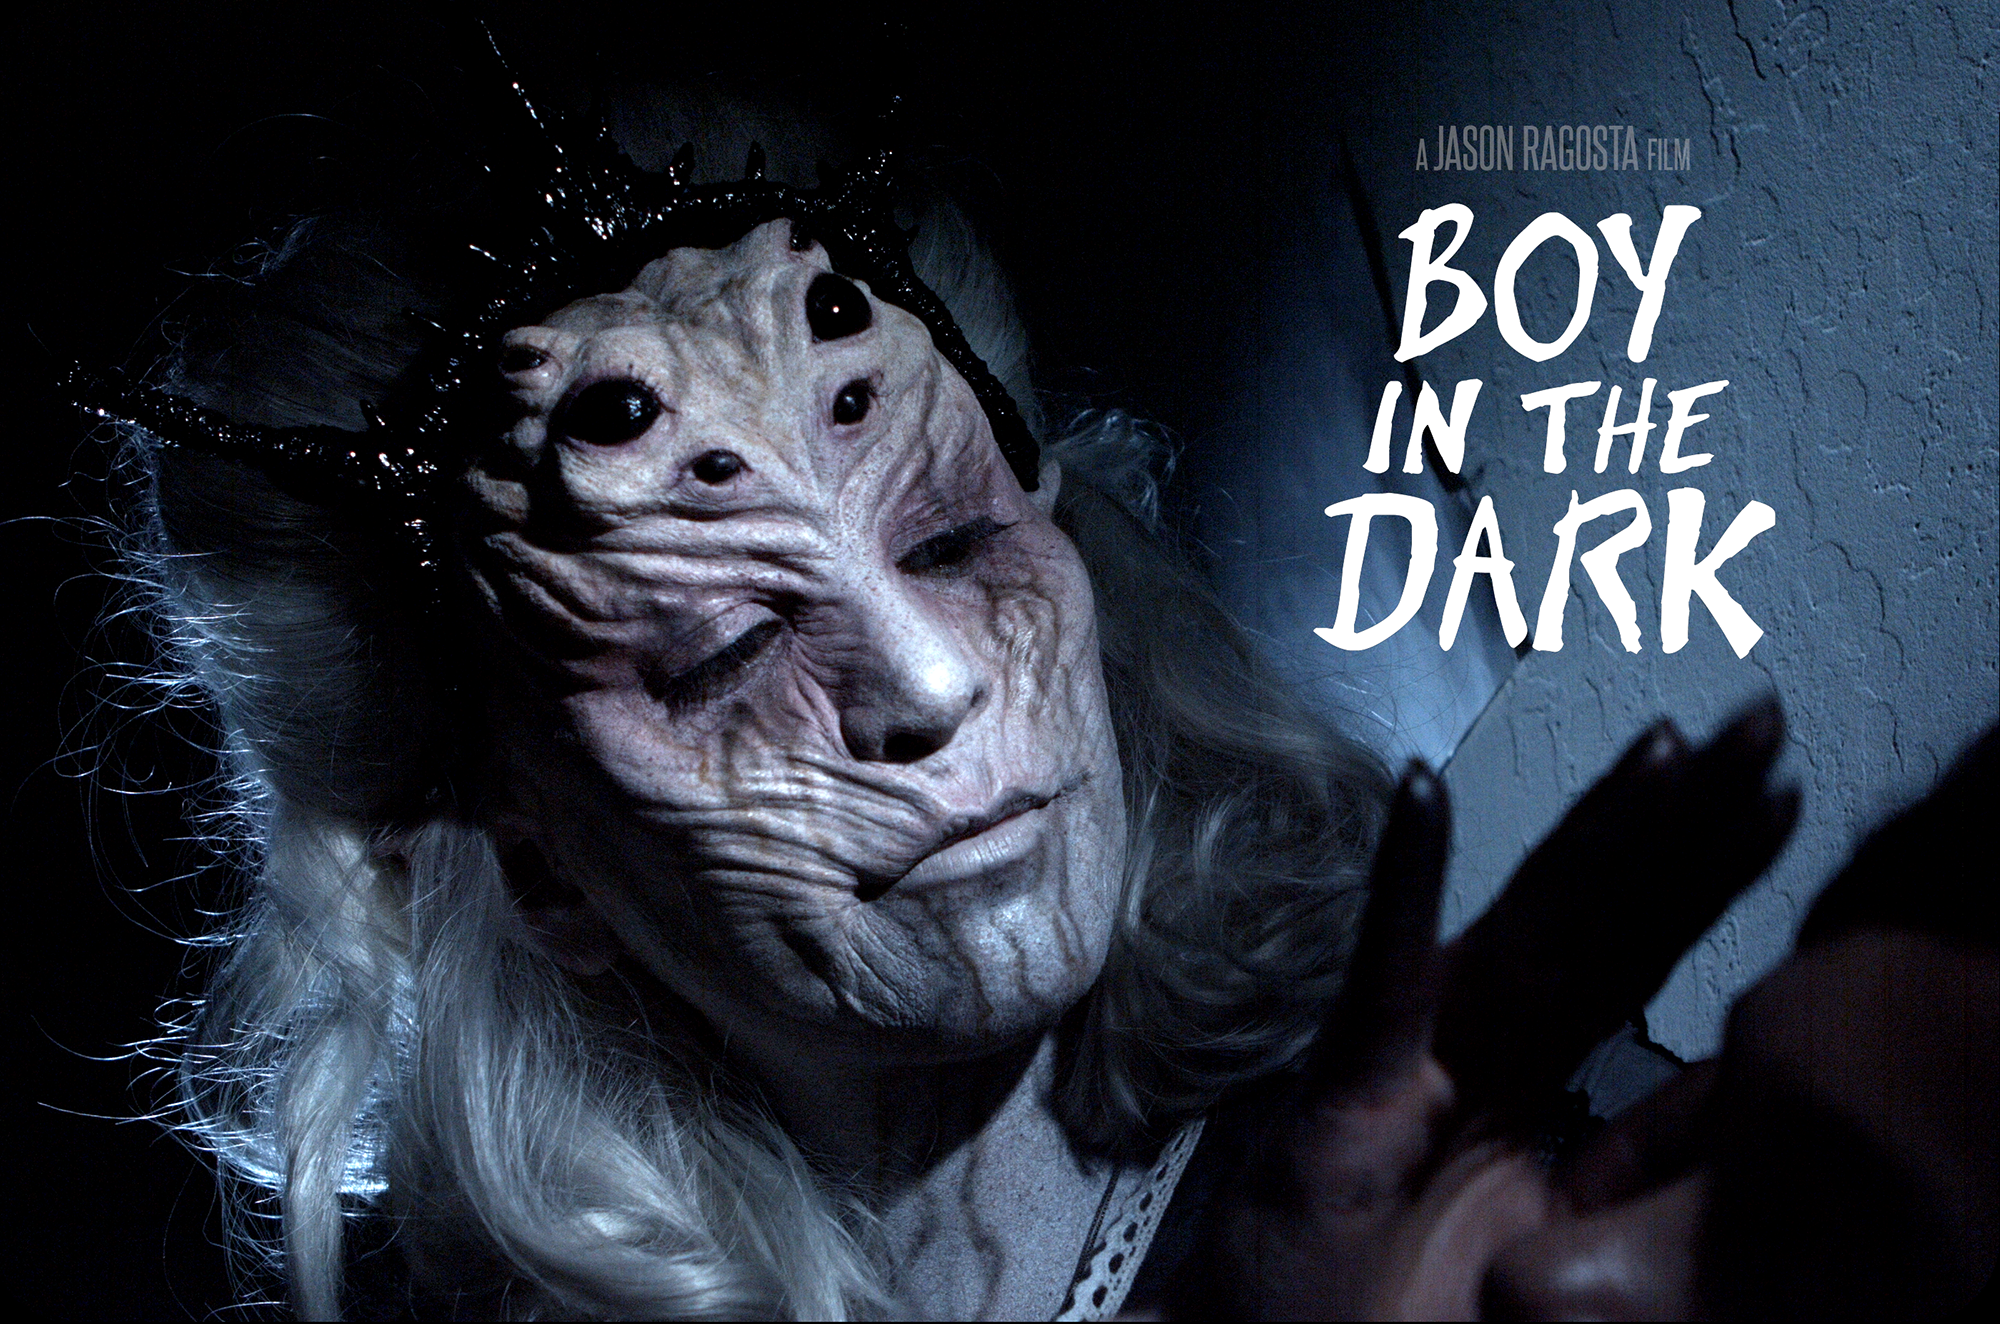 Nani Strides as Diana in 'Boy In The Dark' in 2016 |  Courtesy of Jason Ragosta